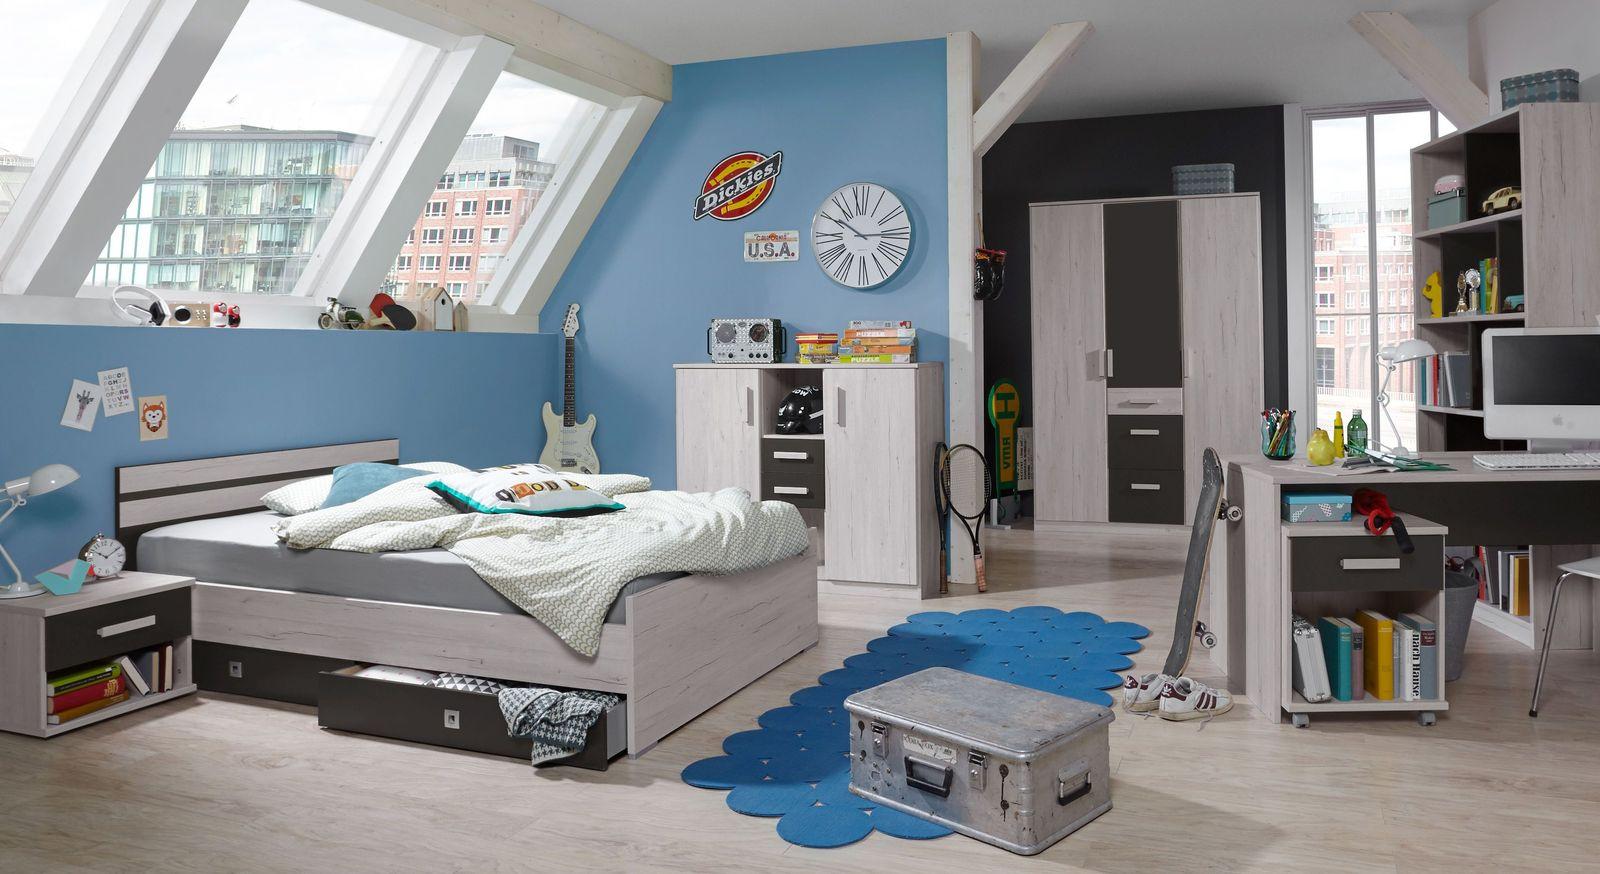 Jugendzimmer komplett als set wei eiche dekor und grau - Jugendzimmer grau ...